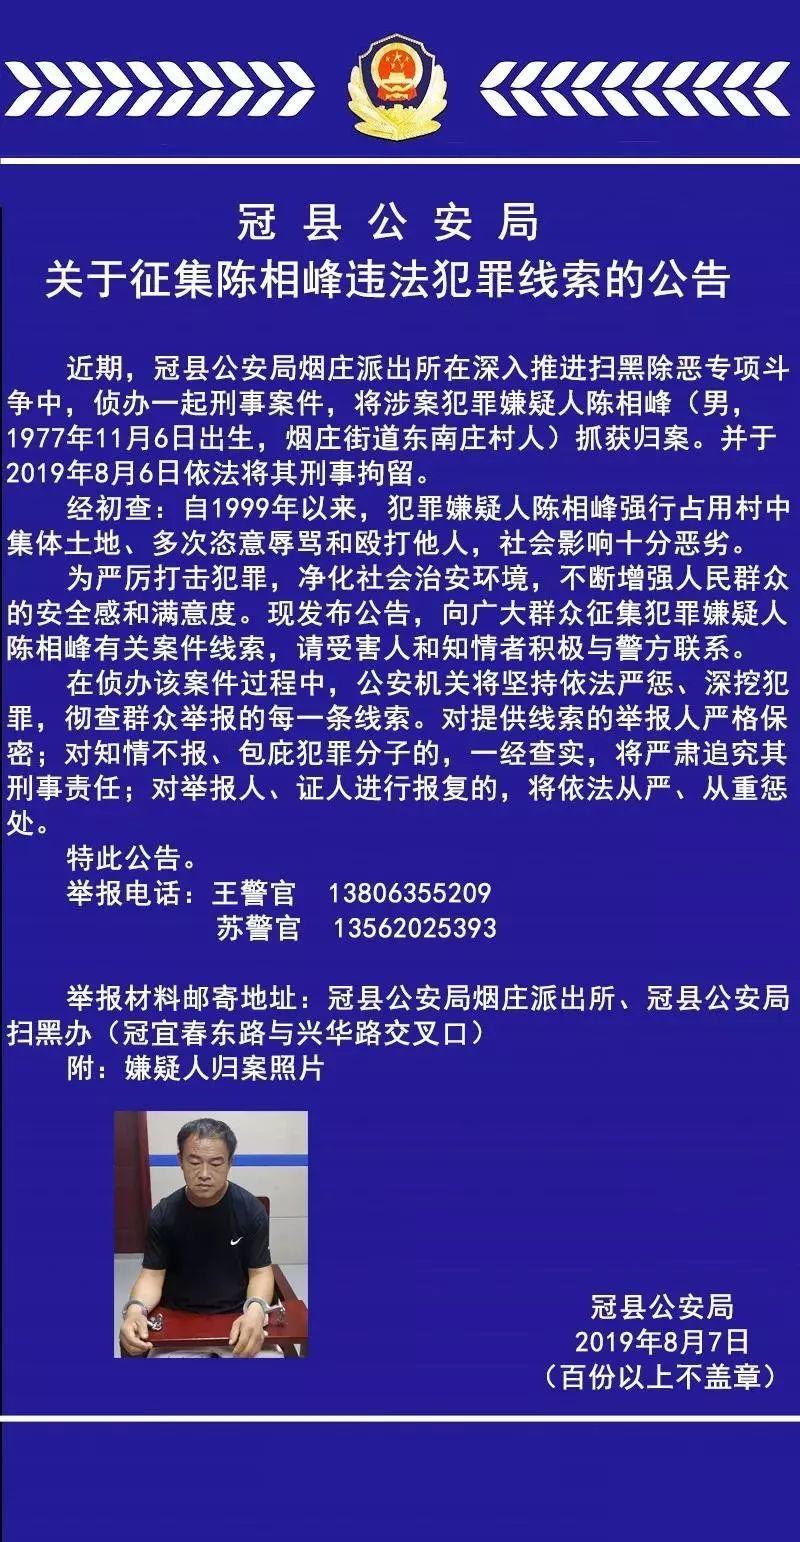 关于征集陈相峰违法犯罪线索的公告